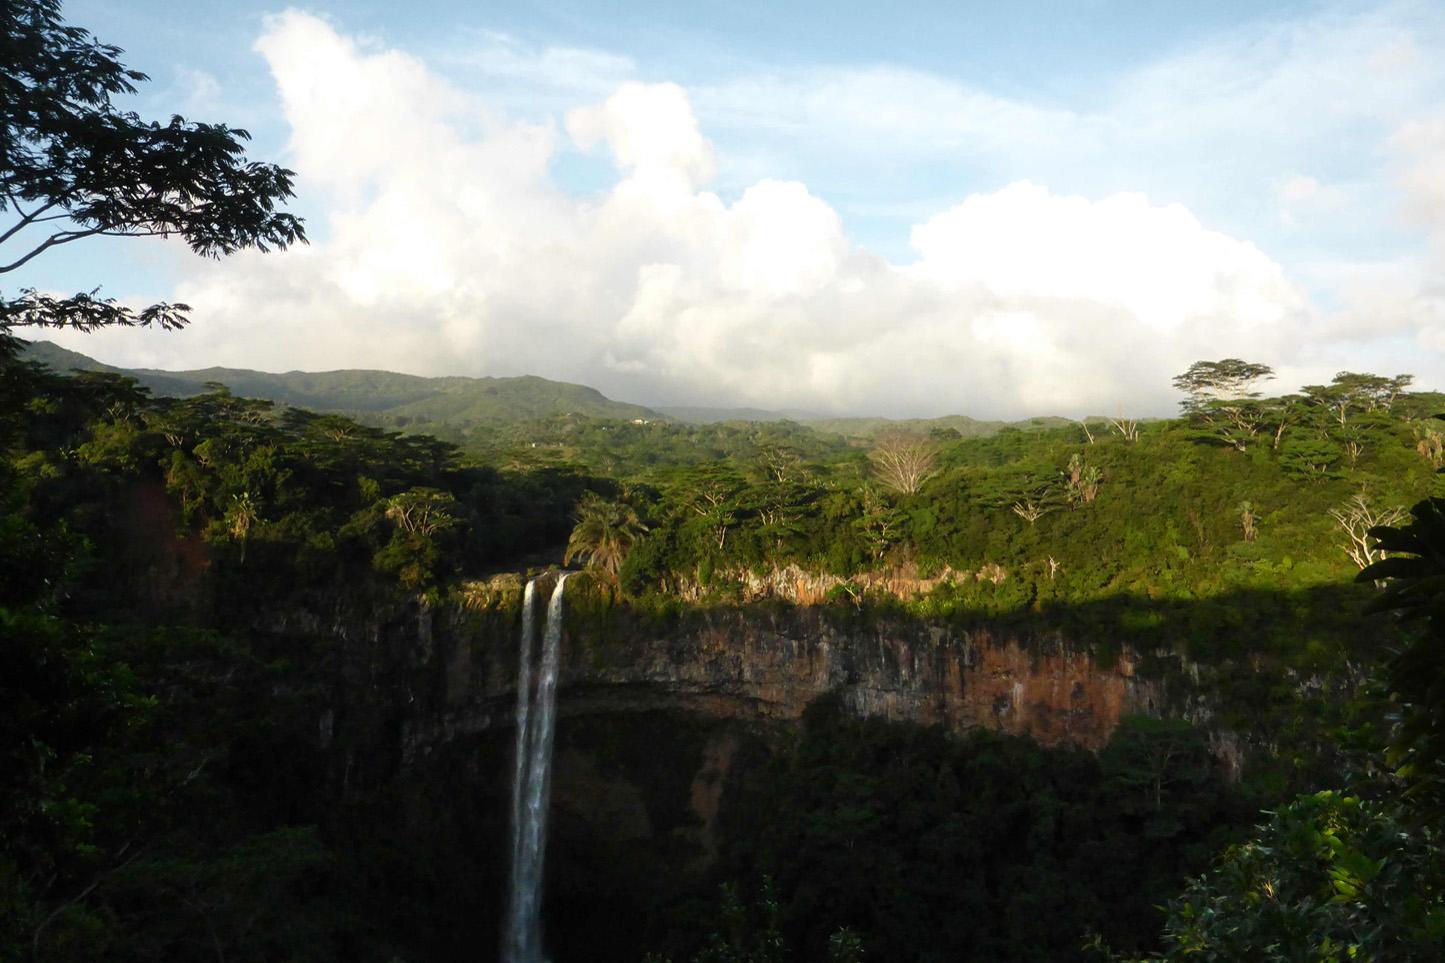 Forêt tropicale dans le sud de l'île Maurice, non loin de Chamarel. (photo 8e étage)